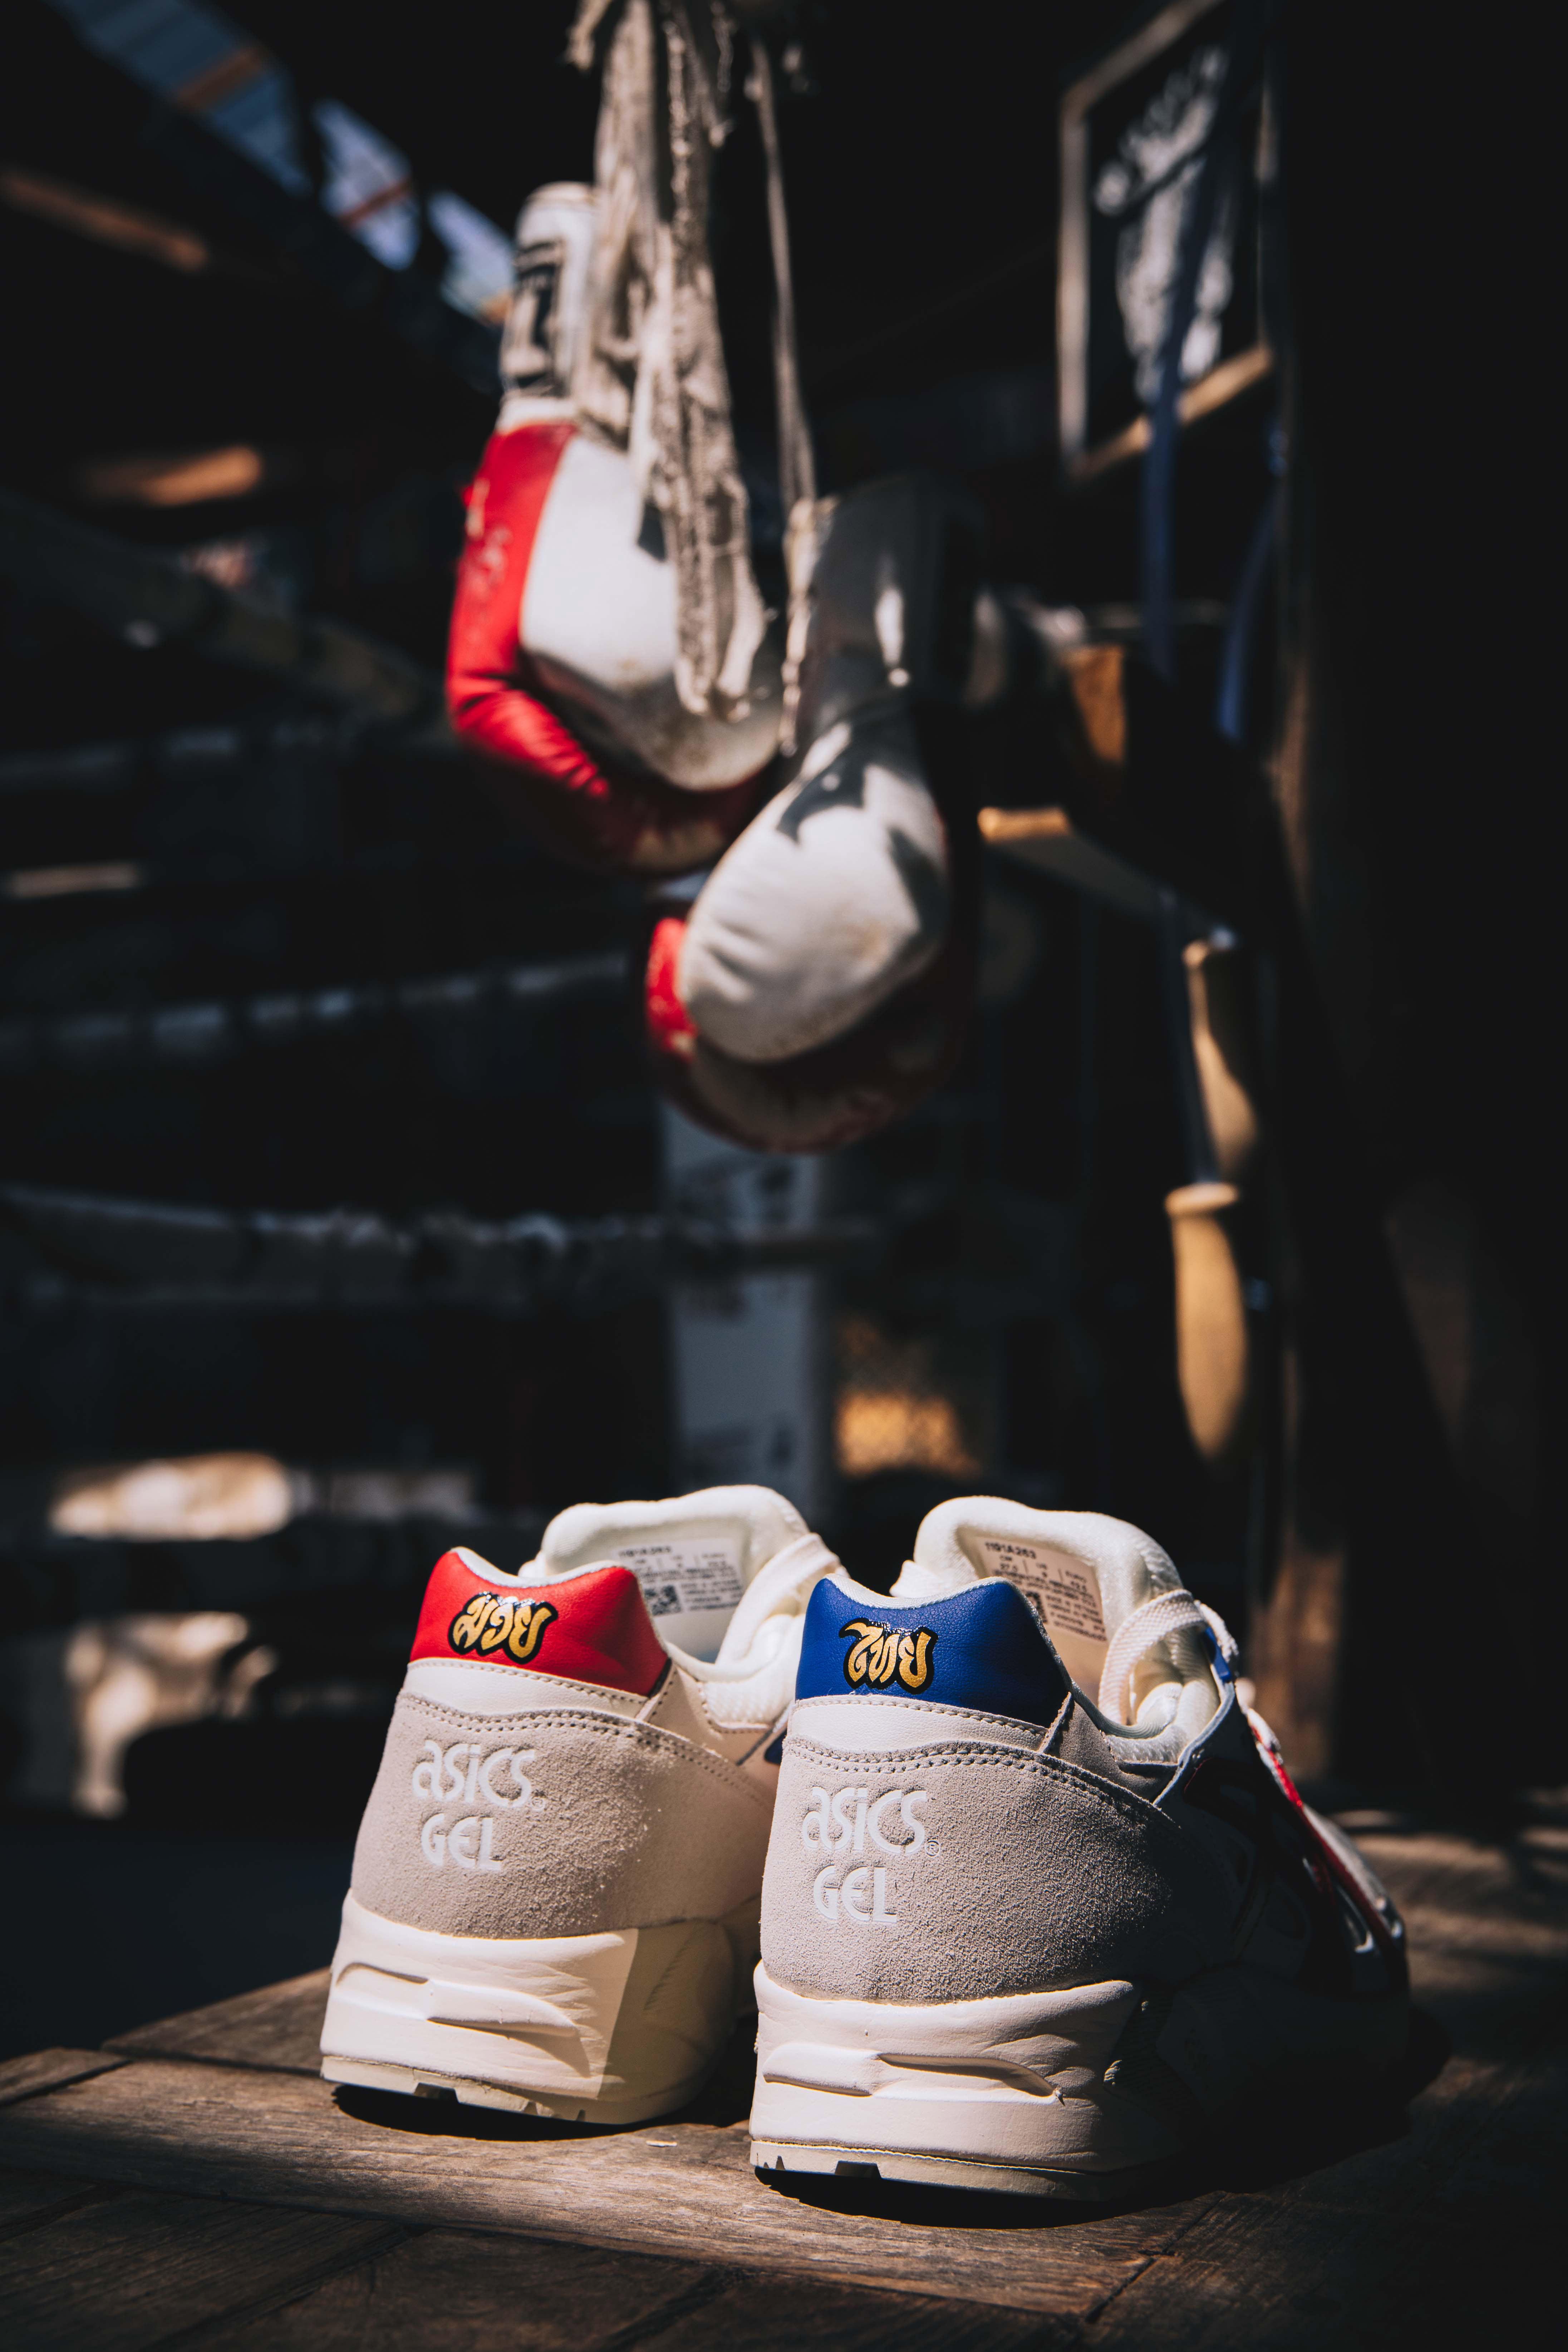 รองเท้าที่ได้รับแรงบันดาลใจ จากมวยไทย ราคา 5,500 บ. - ASICSTIGER